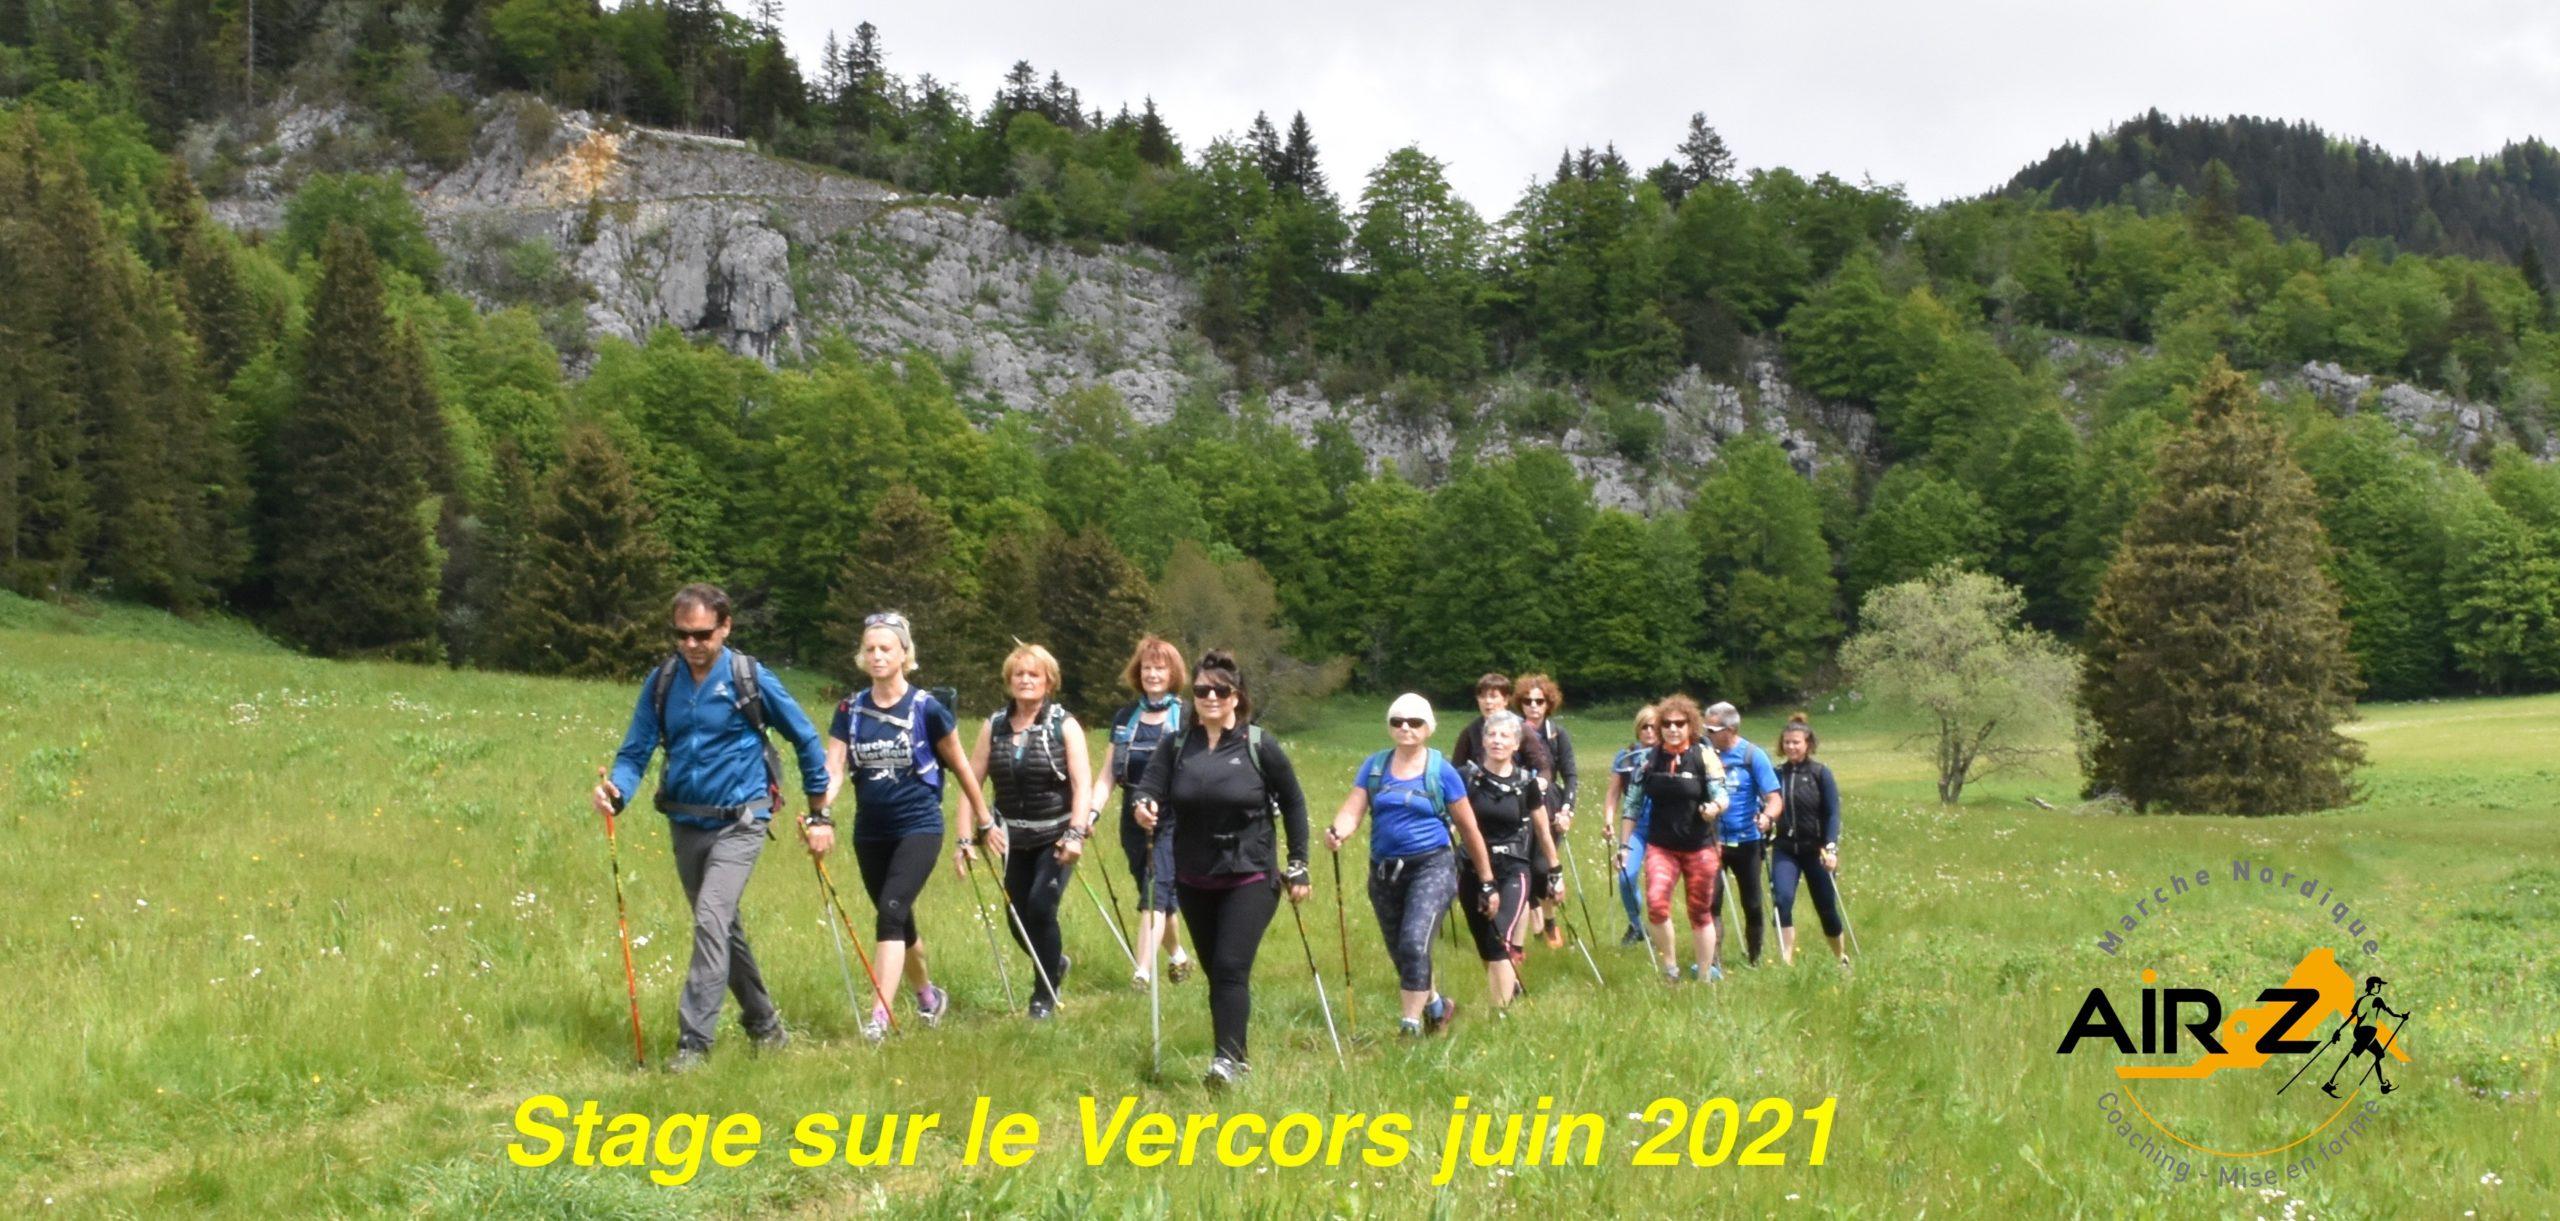 Magnifique stage sur le Vercors juin 2021